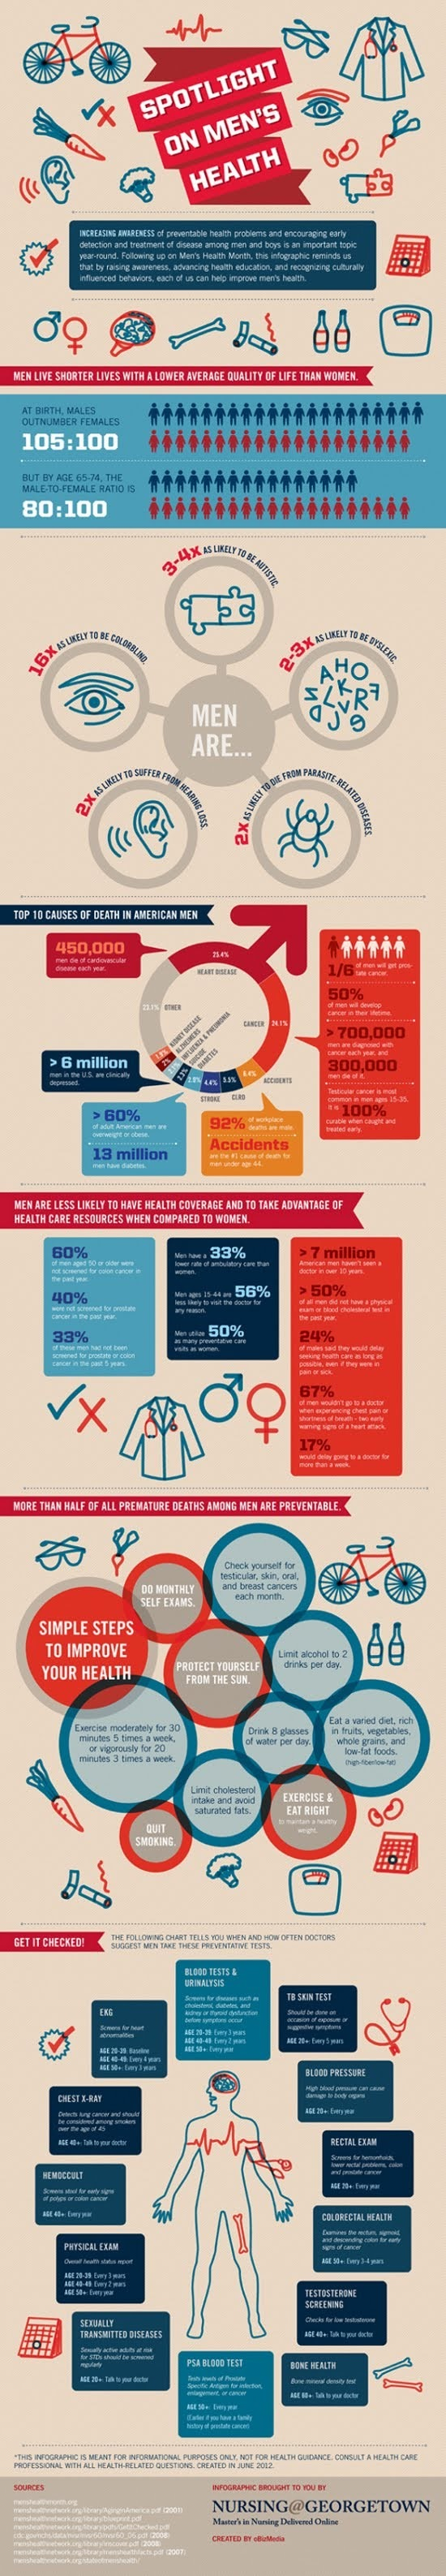 Spotlight on Men's Health #infographic